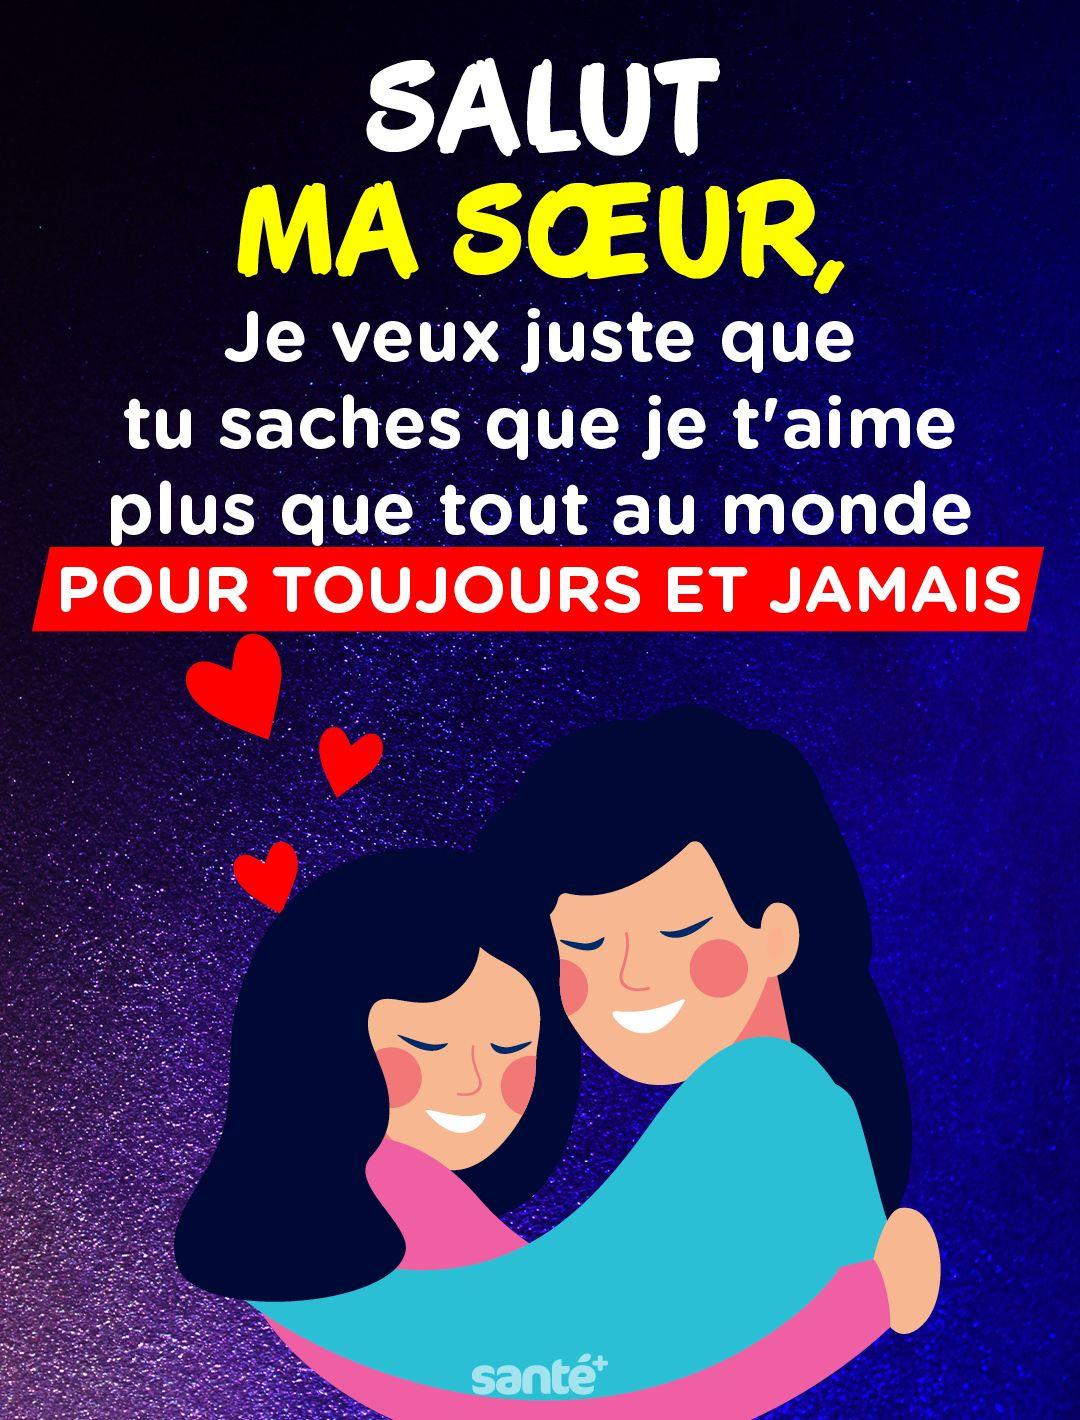 Je T'aime Ma Soeur Citation : t'aime, soeur, citation, SALUT, SŒUR,, Juste, Saches, T'aime, Monde, TOUJOURS, JAMAIS, Attitude, Positive,, Citation, Francais,, Pensée